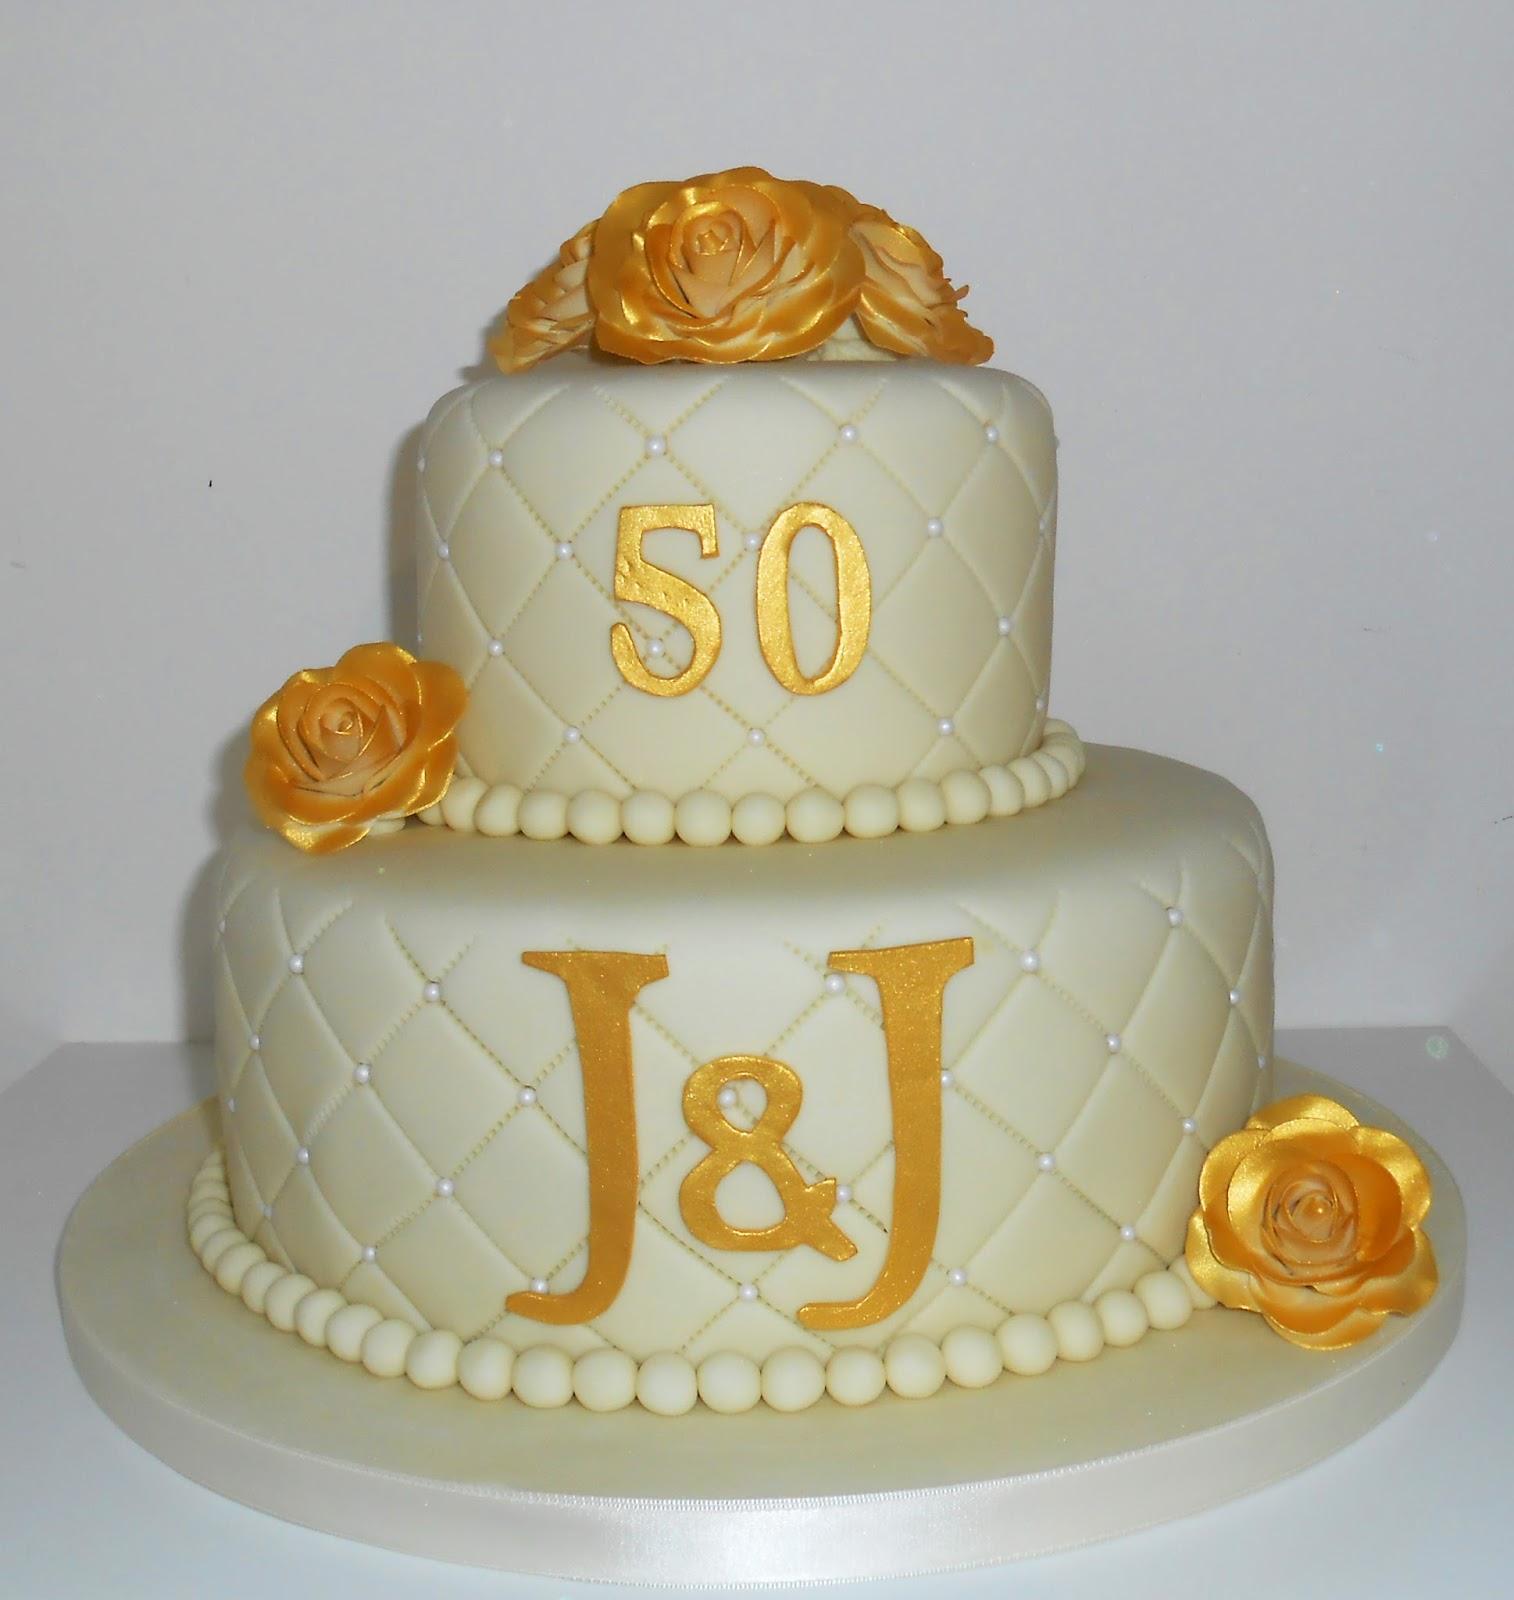 Jenny S Wedding Cakes: The Coloured Bubble Cakery: Jenny & John's 50th Wedding